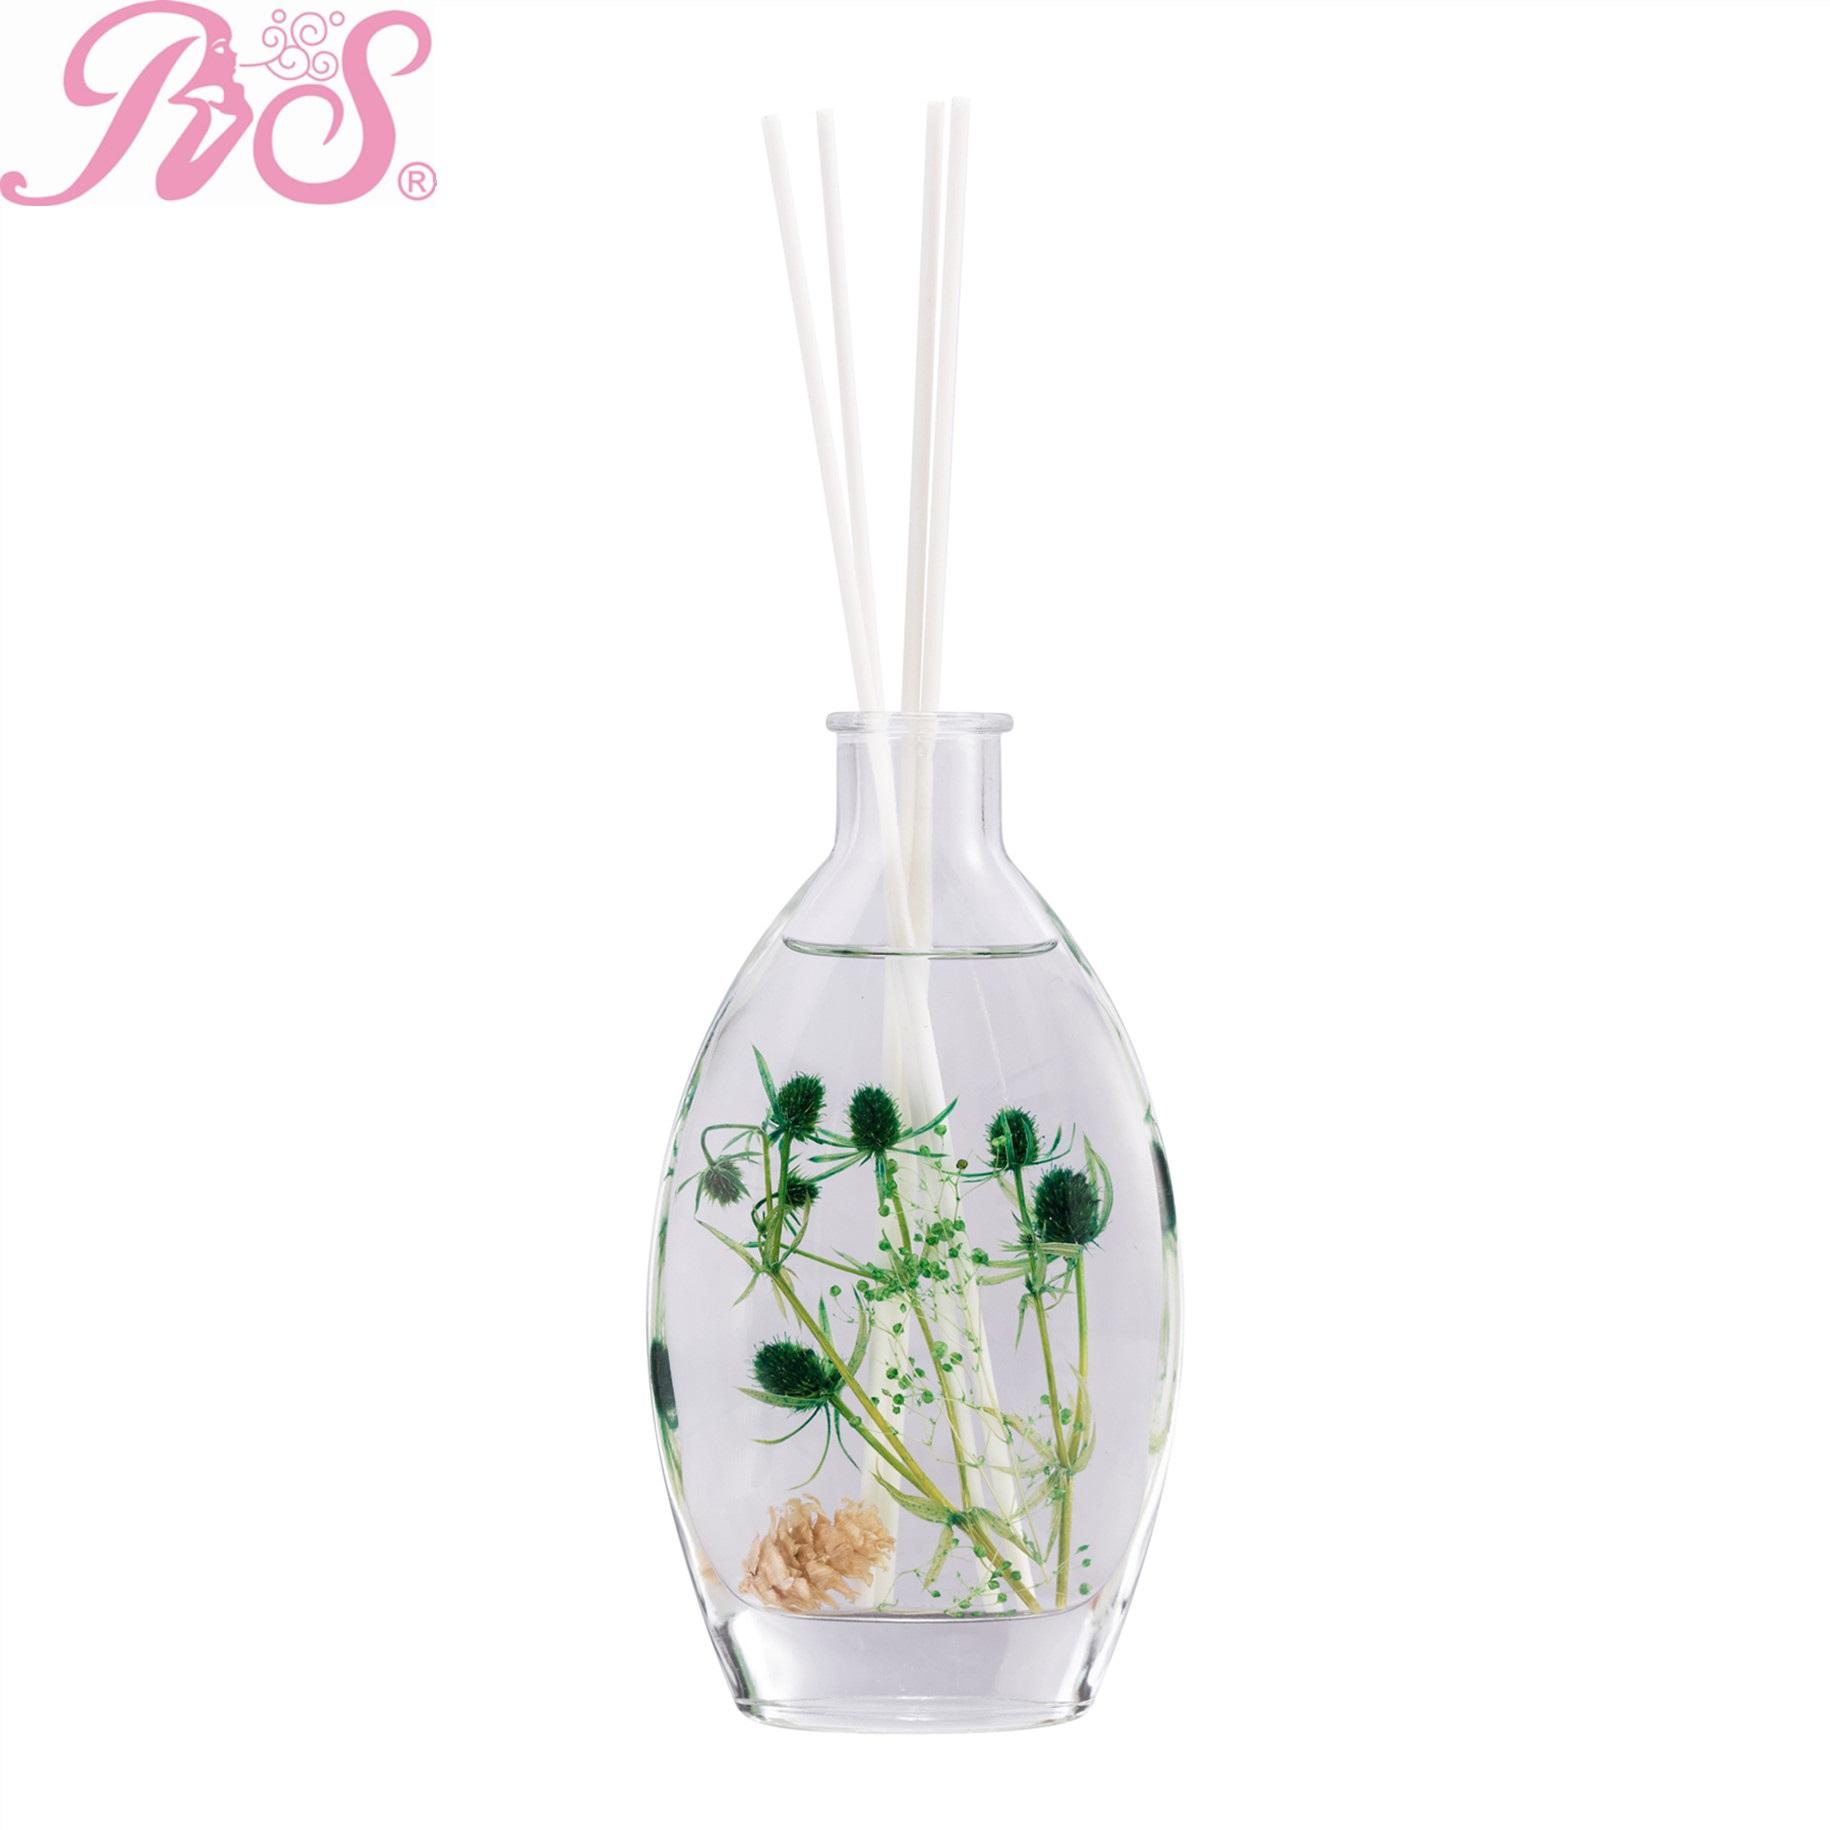 Сушеные цветы для ароматерапии без огня, аромадиффузор для дома, подарок для украшения дома